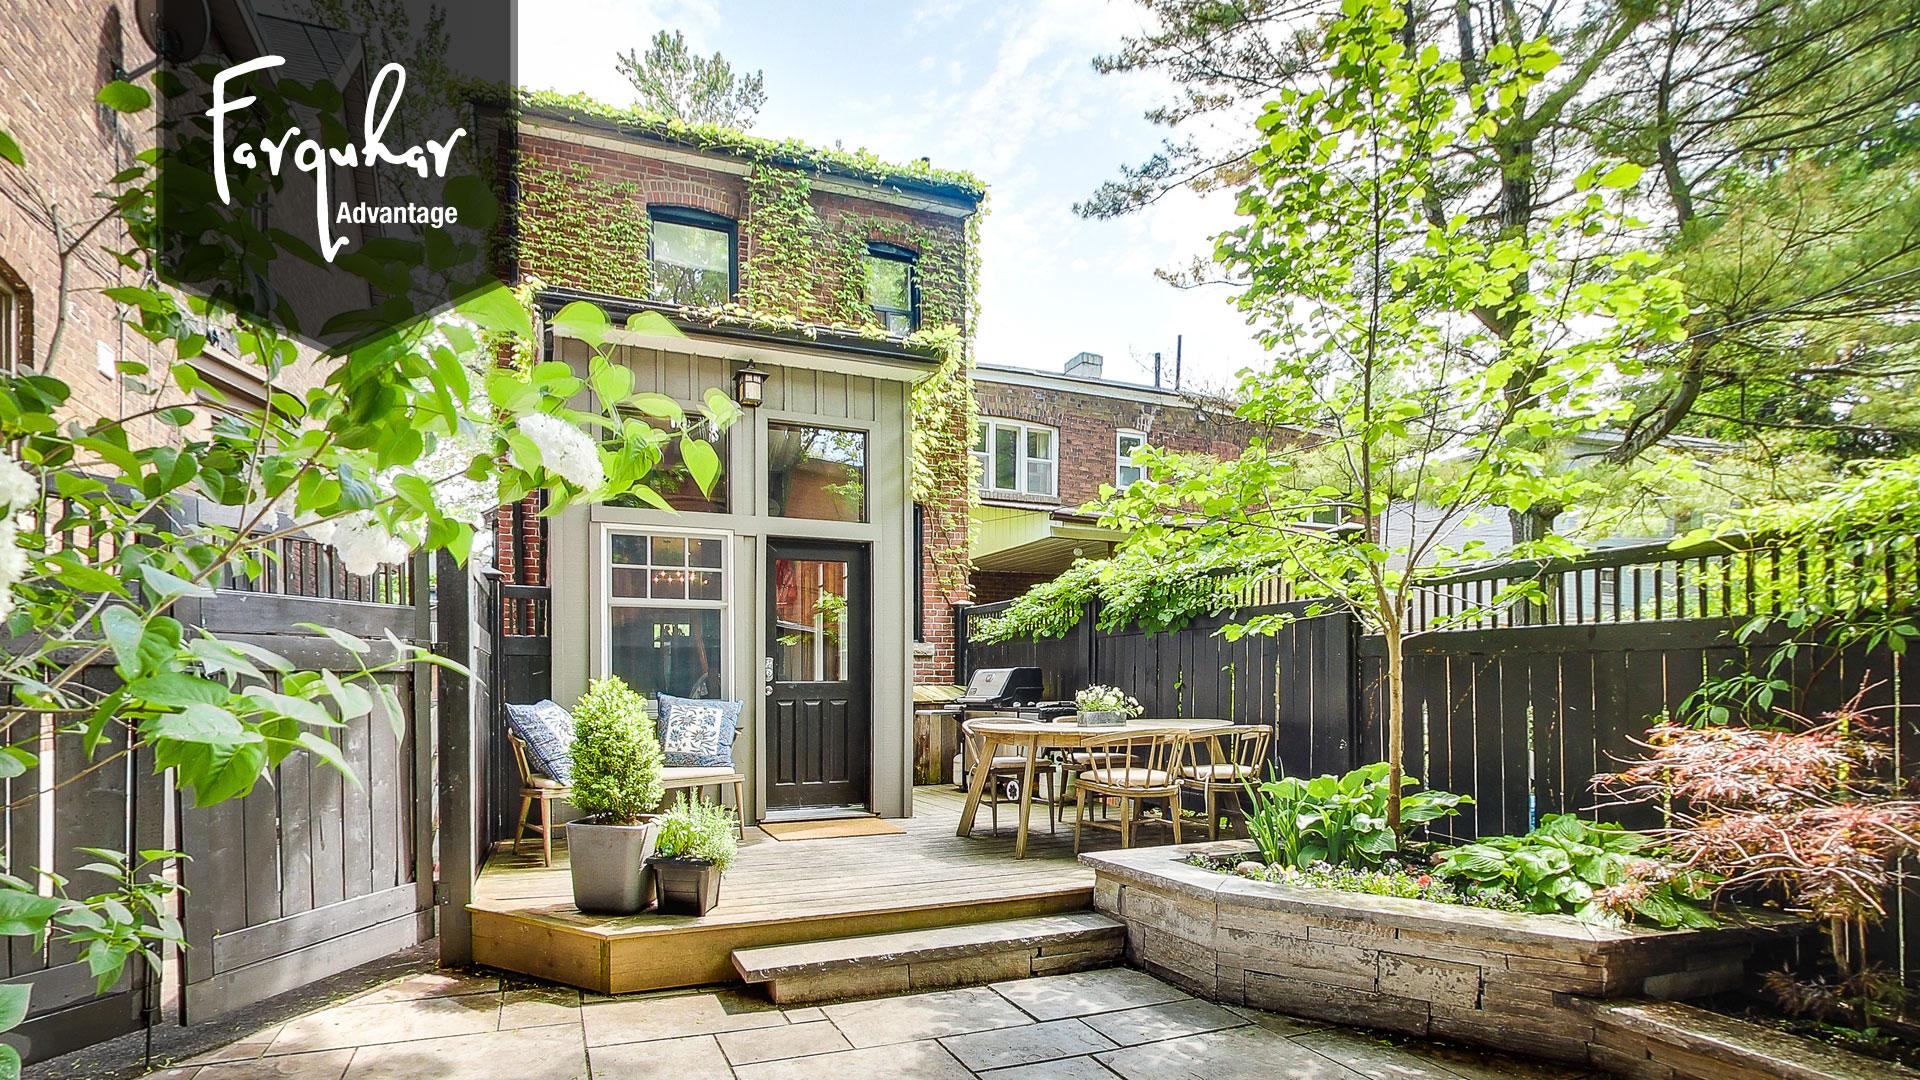 Hst Tax Calculator >> Home | Farquhar Real Estate | The Farquhar Advantage Real ...